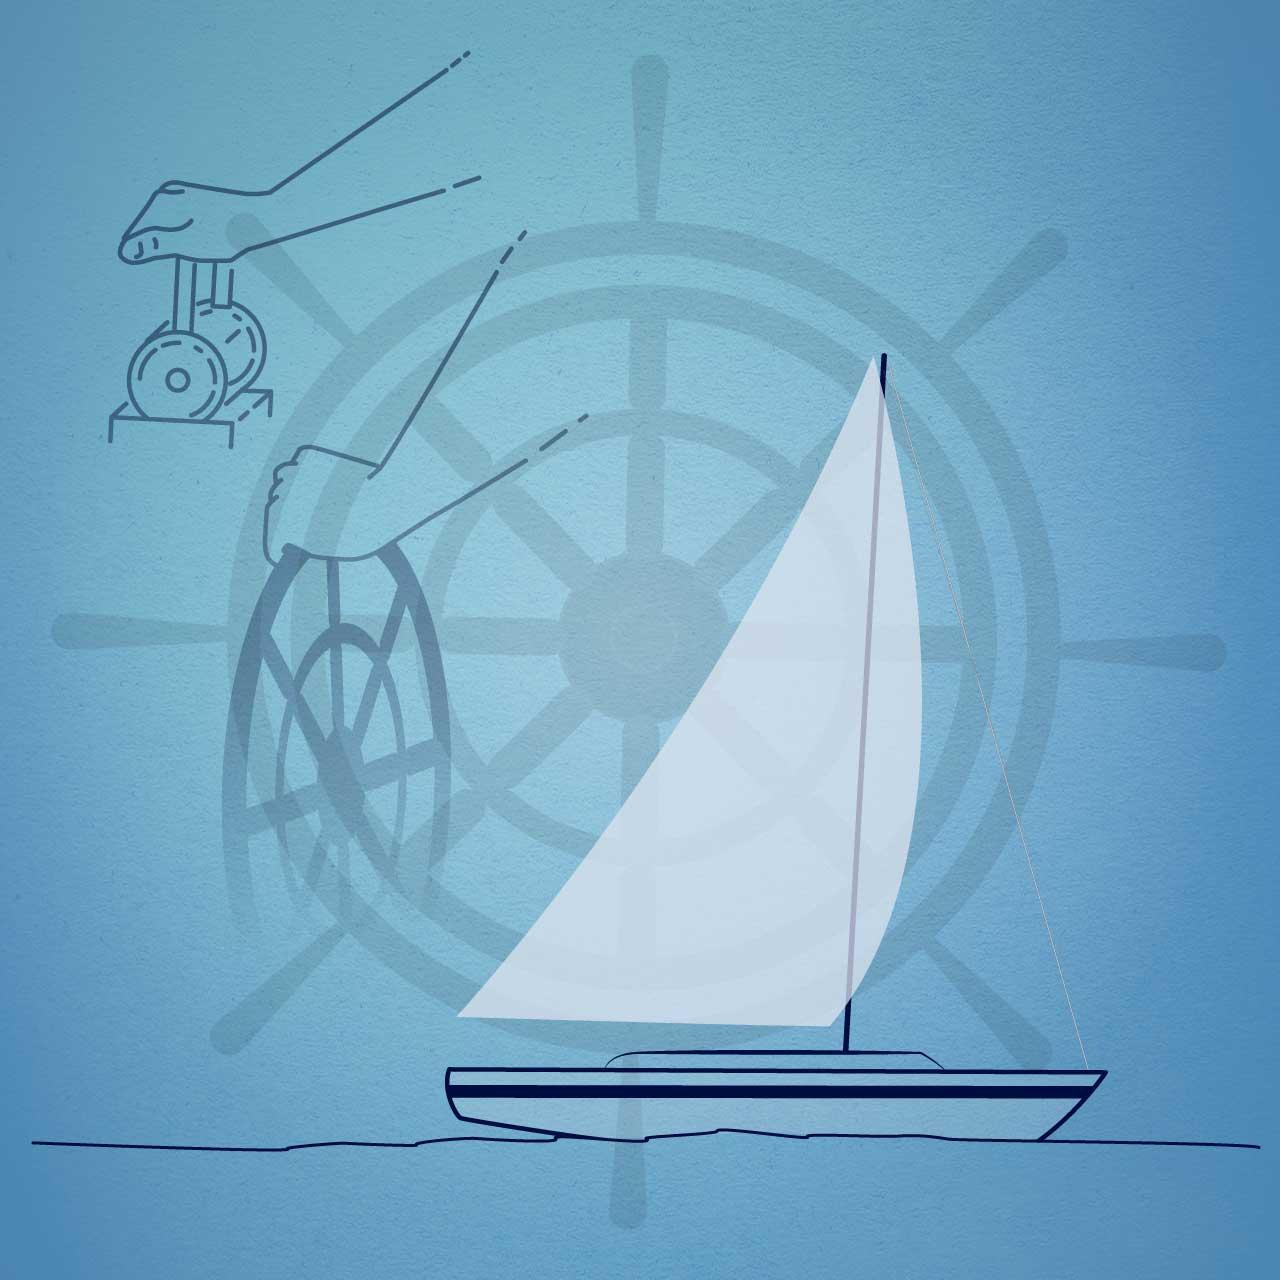 Escola Port Barcelona - Certificado profesional - Patrón profesional de embarcaciones de recreo. PPER